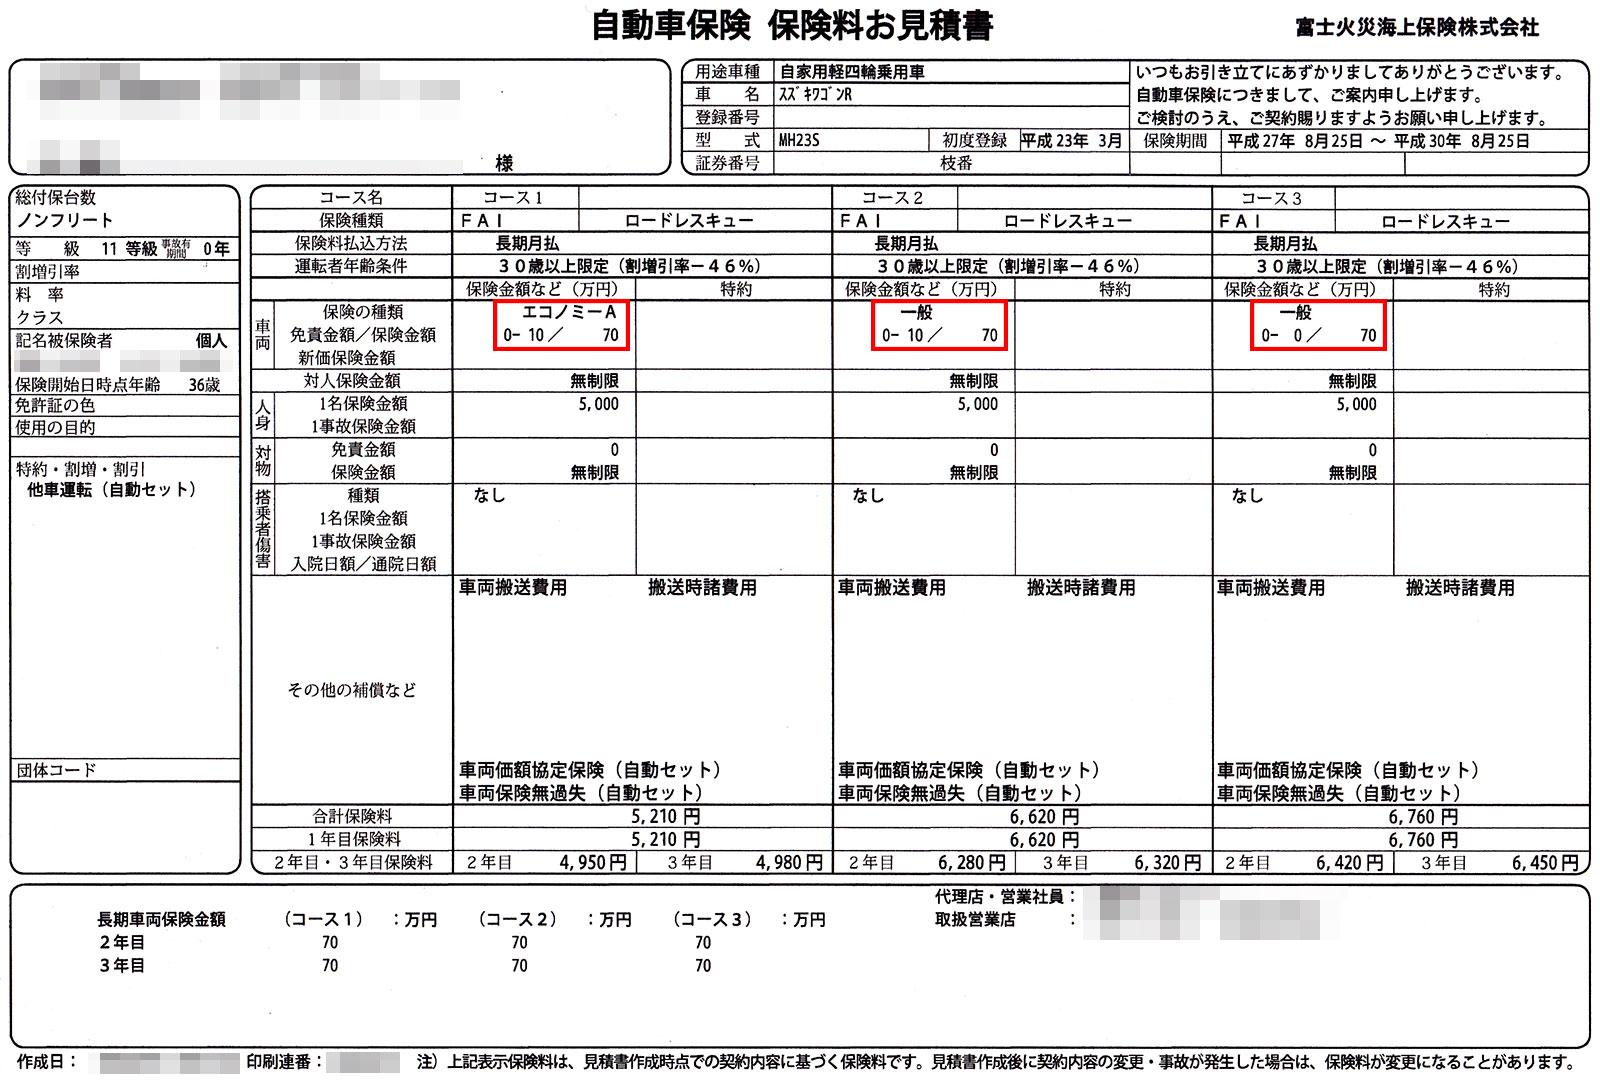 富士火災の自動車保険『FAI』の保険の内容を確認してみた